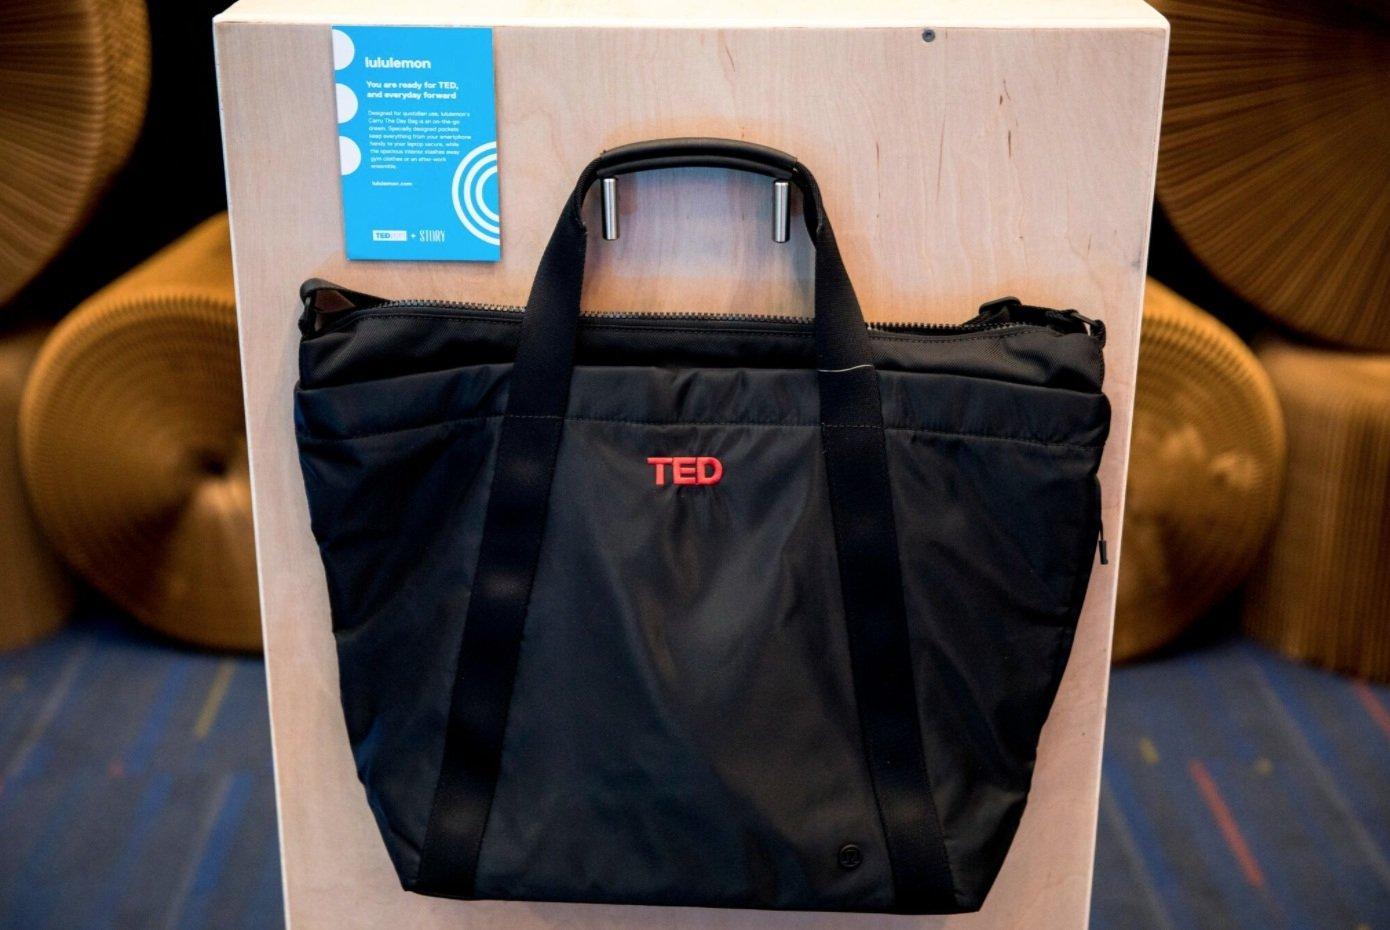 """TED: ecco cosa contiene la """"gift bag"""" consegnata ai partecipanti""""__consegnata_ai_partecipanti_4"""